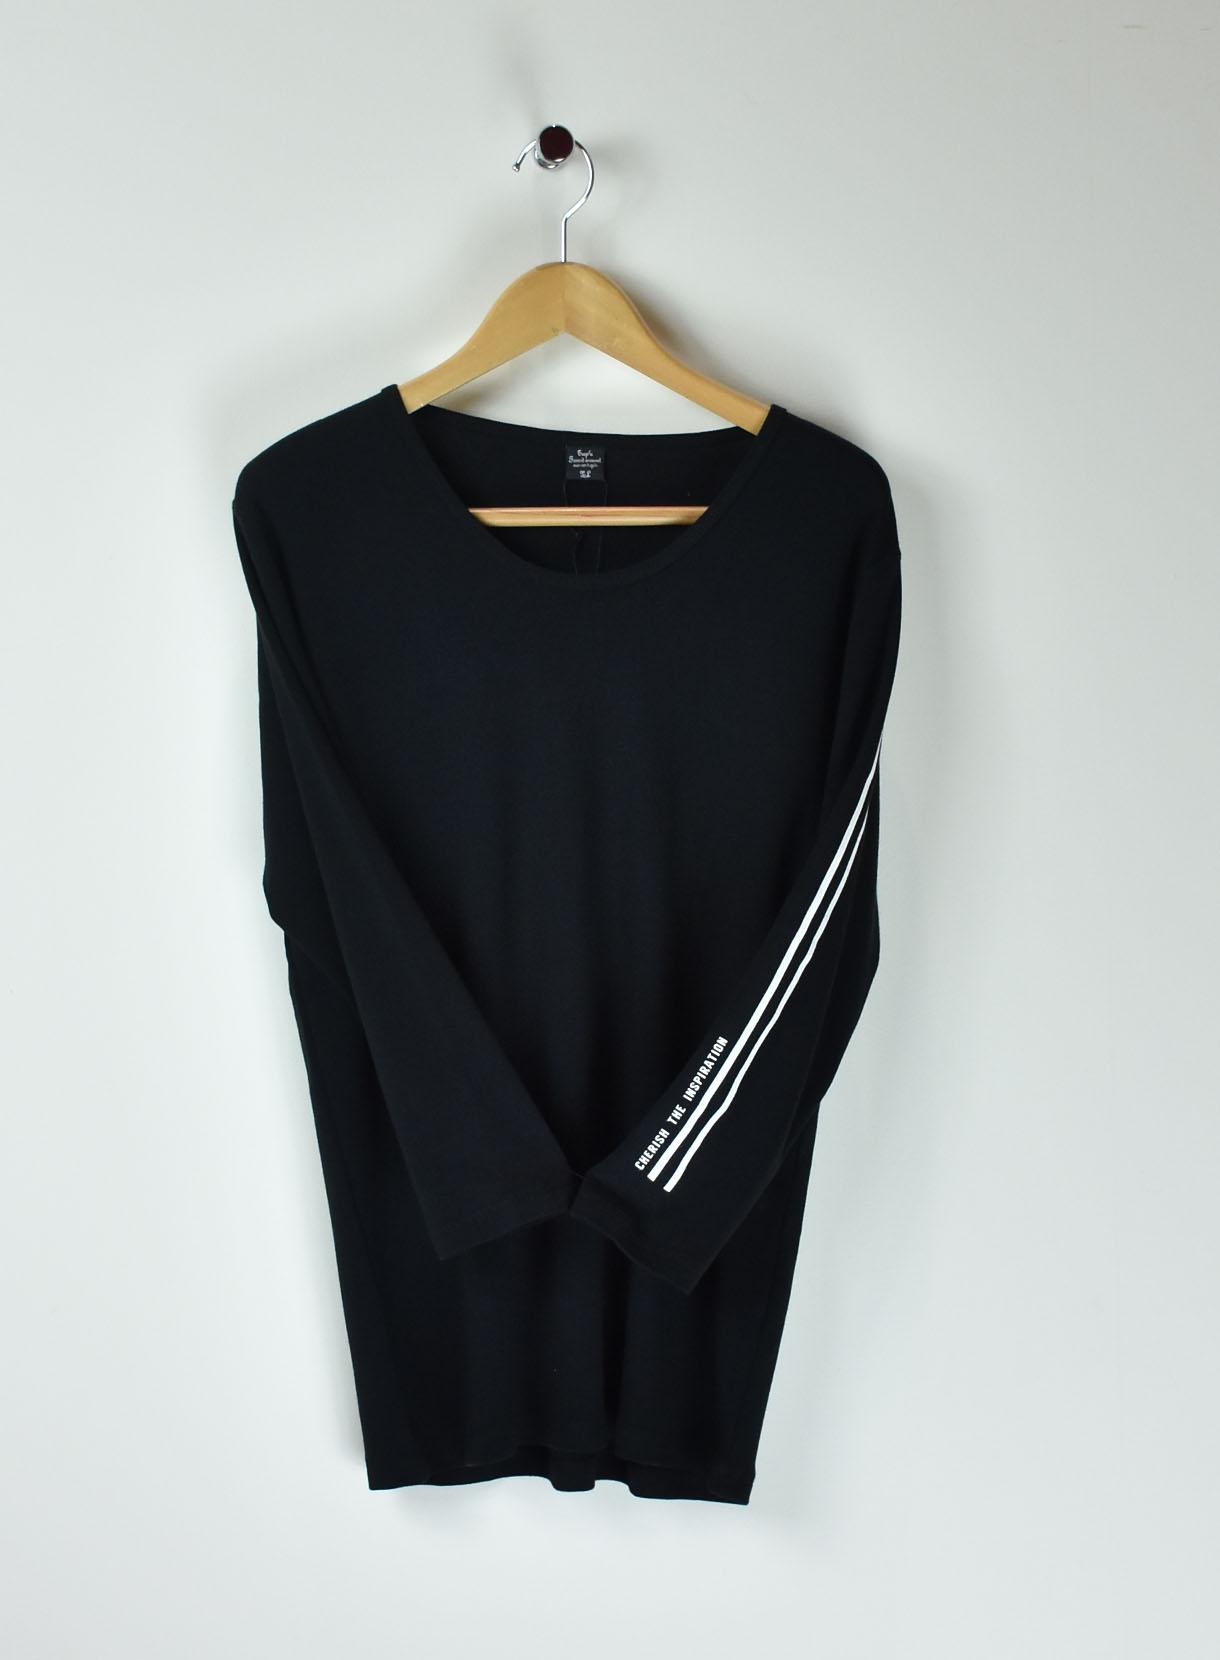 7分袖プリントTシャツ(レイヤード用)